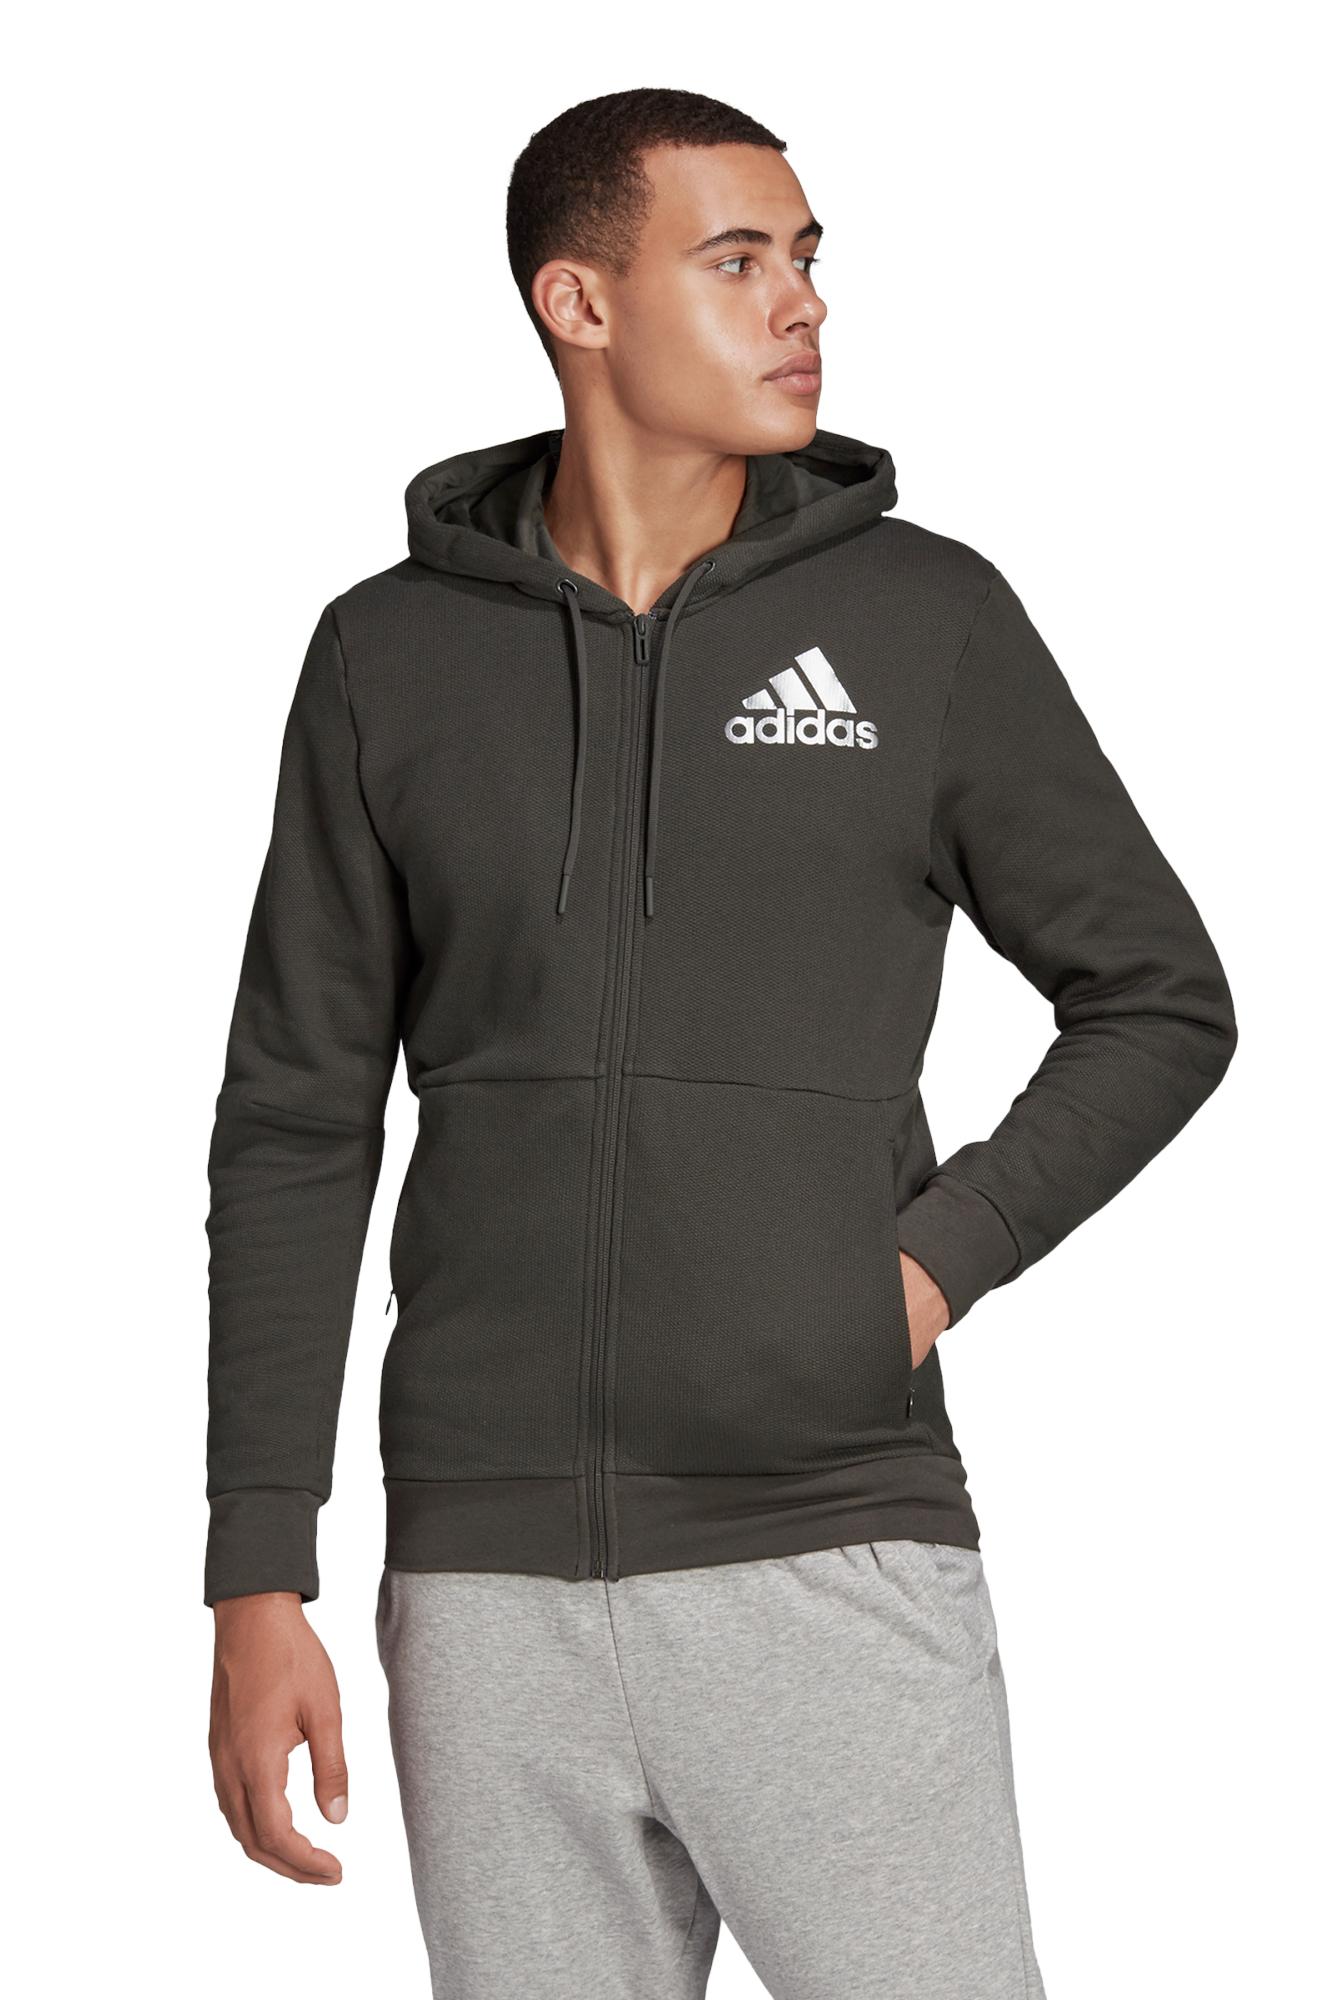 Bluza Adidas Męskie Wyprzedaż | Odzież Adidas Sklep Internetowy